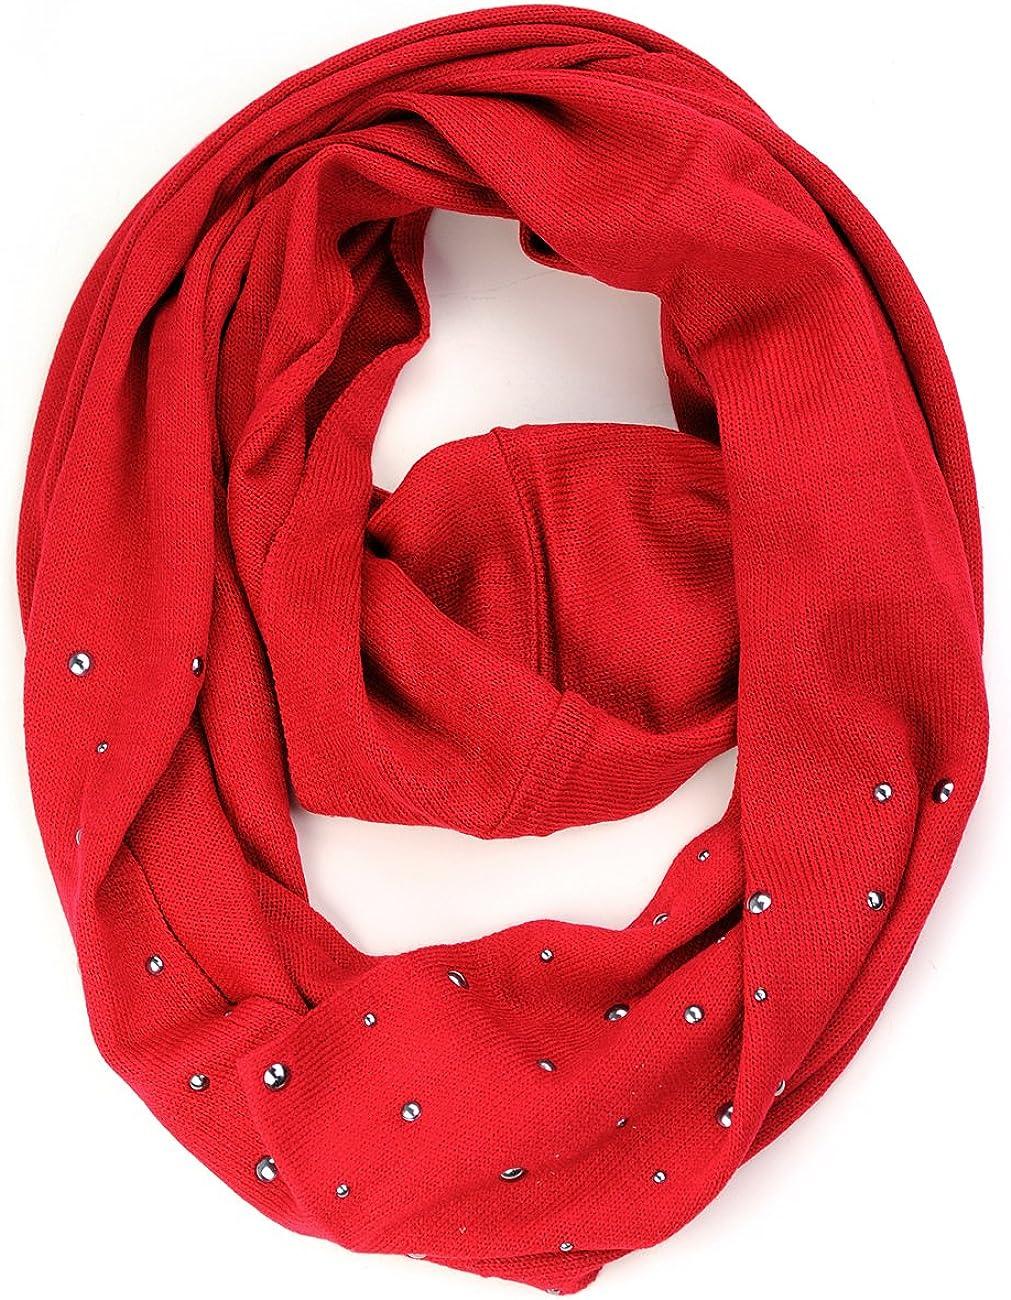 NYFASHION101® Women/'s Round Studs Soft Warm Acrylic Infinity Loop Scarf NEW